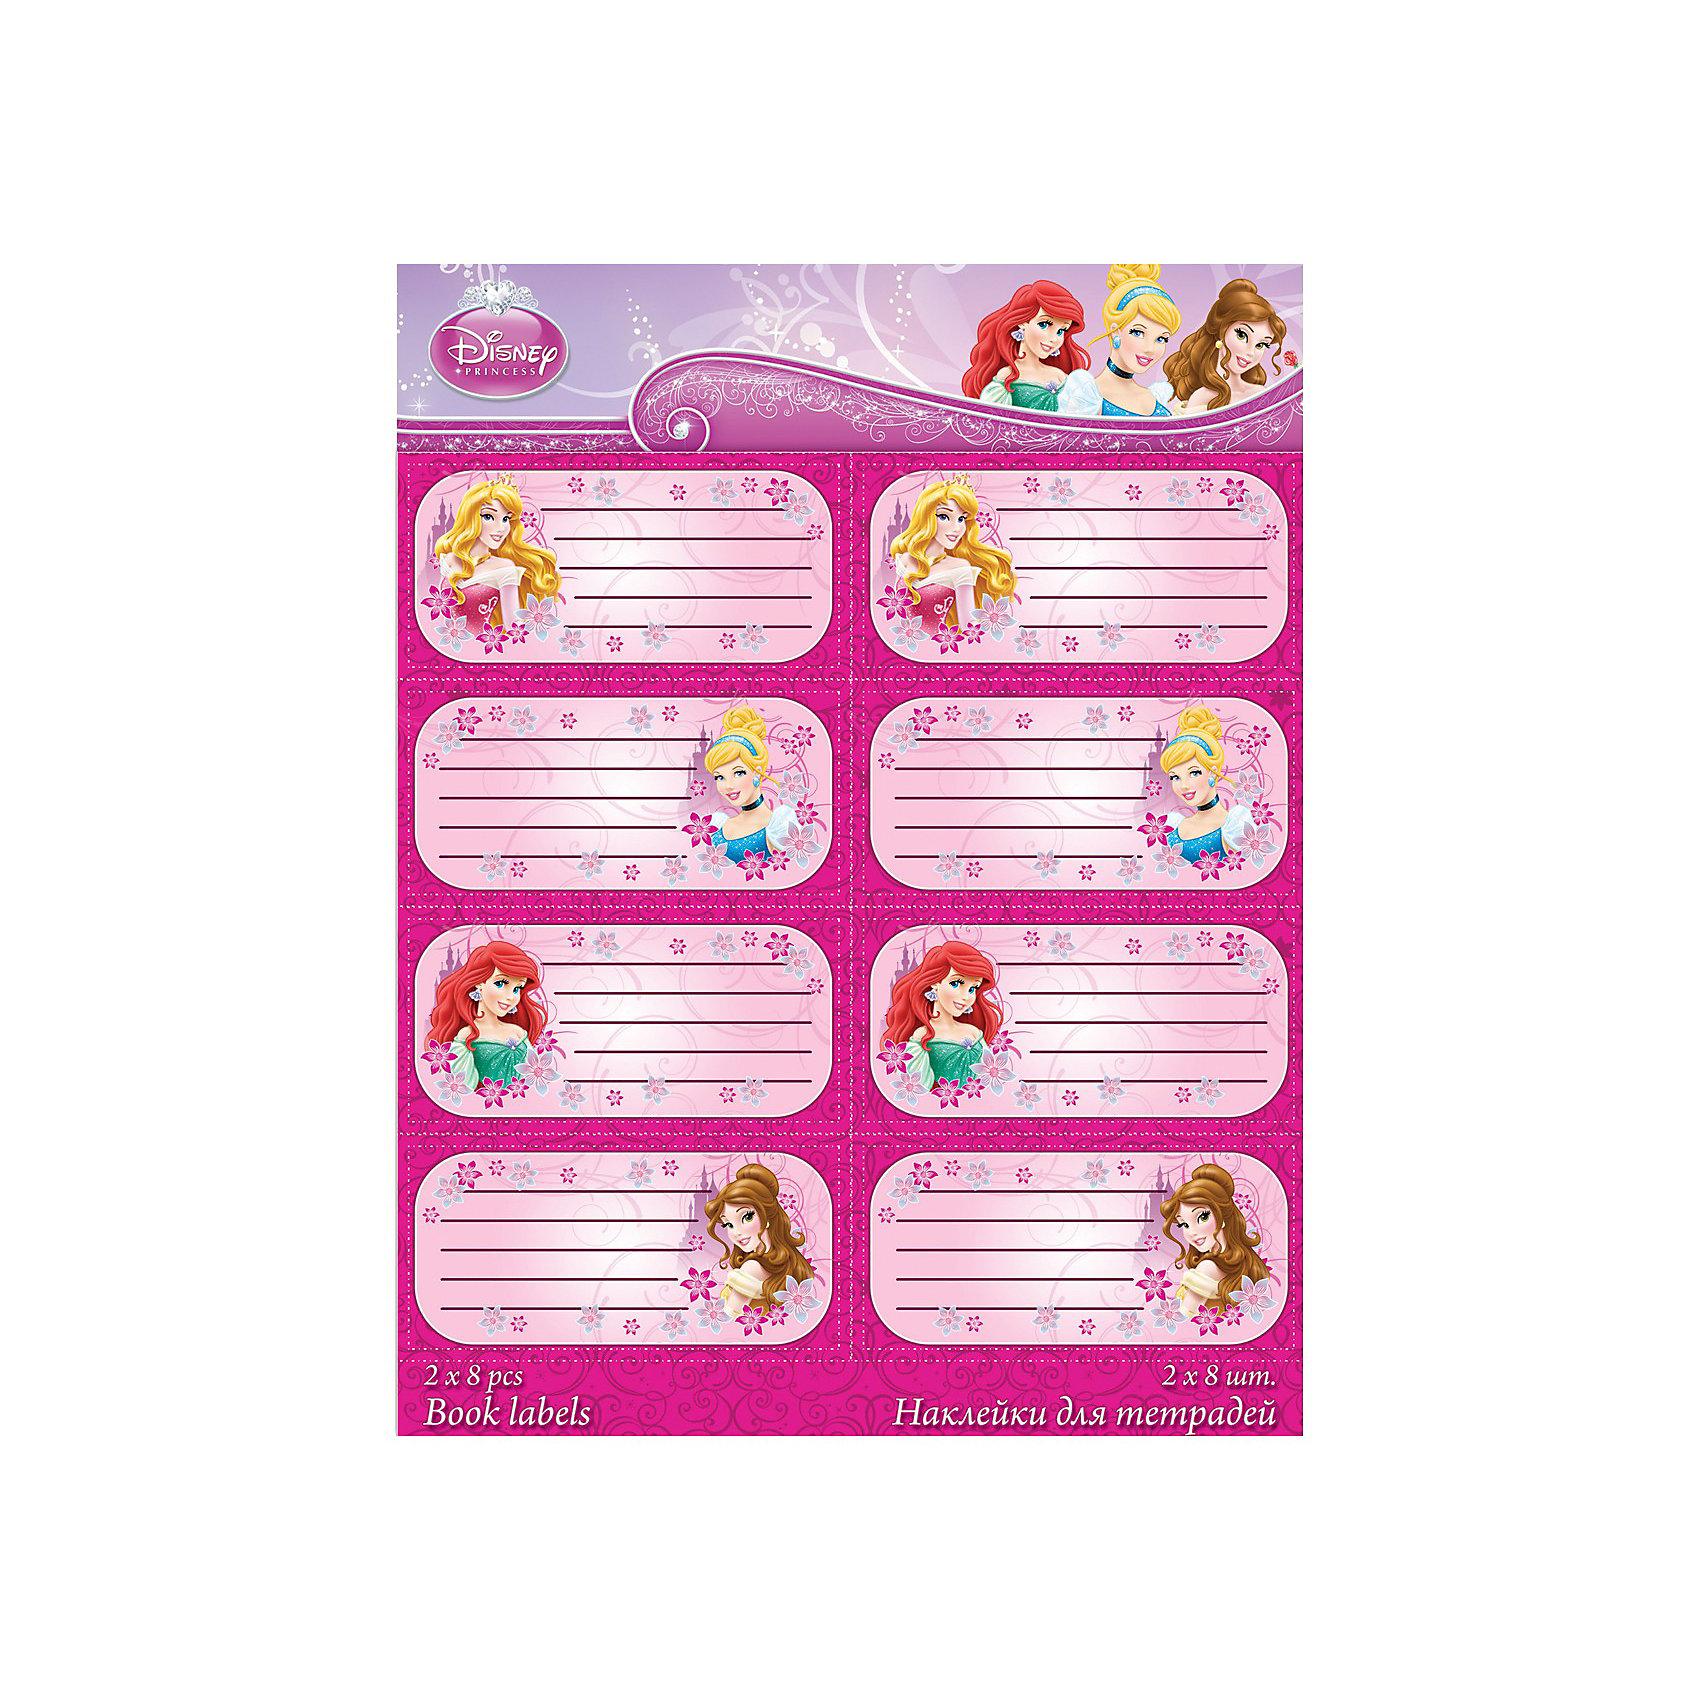 Наклейки для тетрадей, Принцессы ДиснейНаклейки для подписи тетрадей Disney Princess для девочек с обворожительными принцессами. Сказочные девушки для прилежных девочек. Такие изображения украсят даже самую простенькую тетрадь, и будут приносить детям чуть больше радости от школьных уроков.<br>Дополнительная информация:<br><br>- размеры: 20х16 см.<br>- 2 листа по 8 шт.<br>- печать на глянцевой бумаге<br><br>Наклейки для подписи тетрадей Disney Princess можно купить в нашем магазине.<br><br>Ширина мм: 200<br>Глубина мм: 160<br>Высота мм: 10<br>Вес г: 100<br>Возраст от месяцев: 48<br>Возраст до месяцев: 84<br>Пол: Женский<br>Возраст: Детский<br>SKU: 3562916